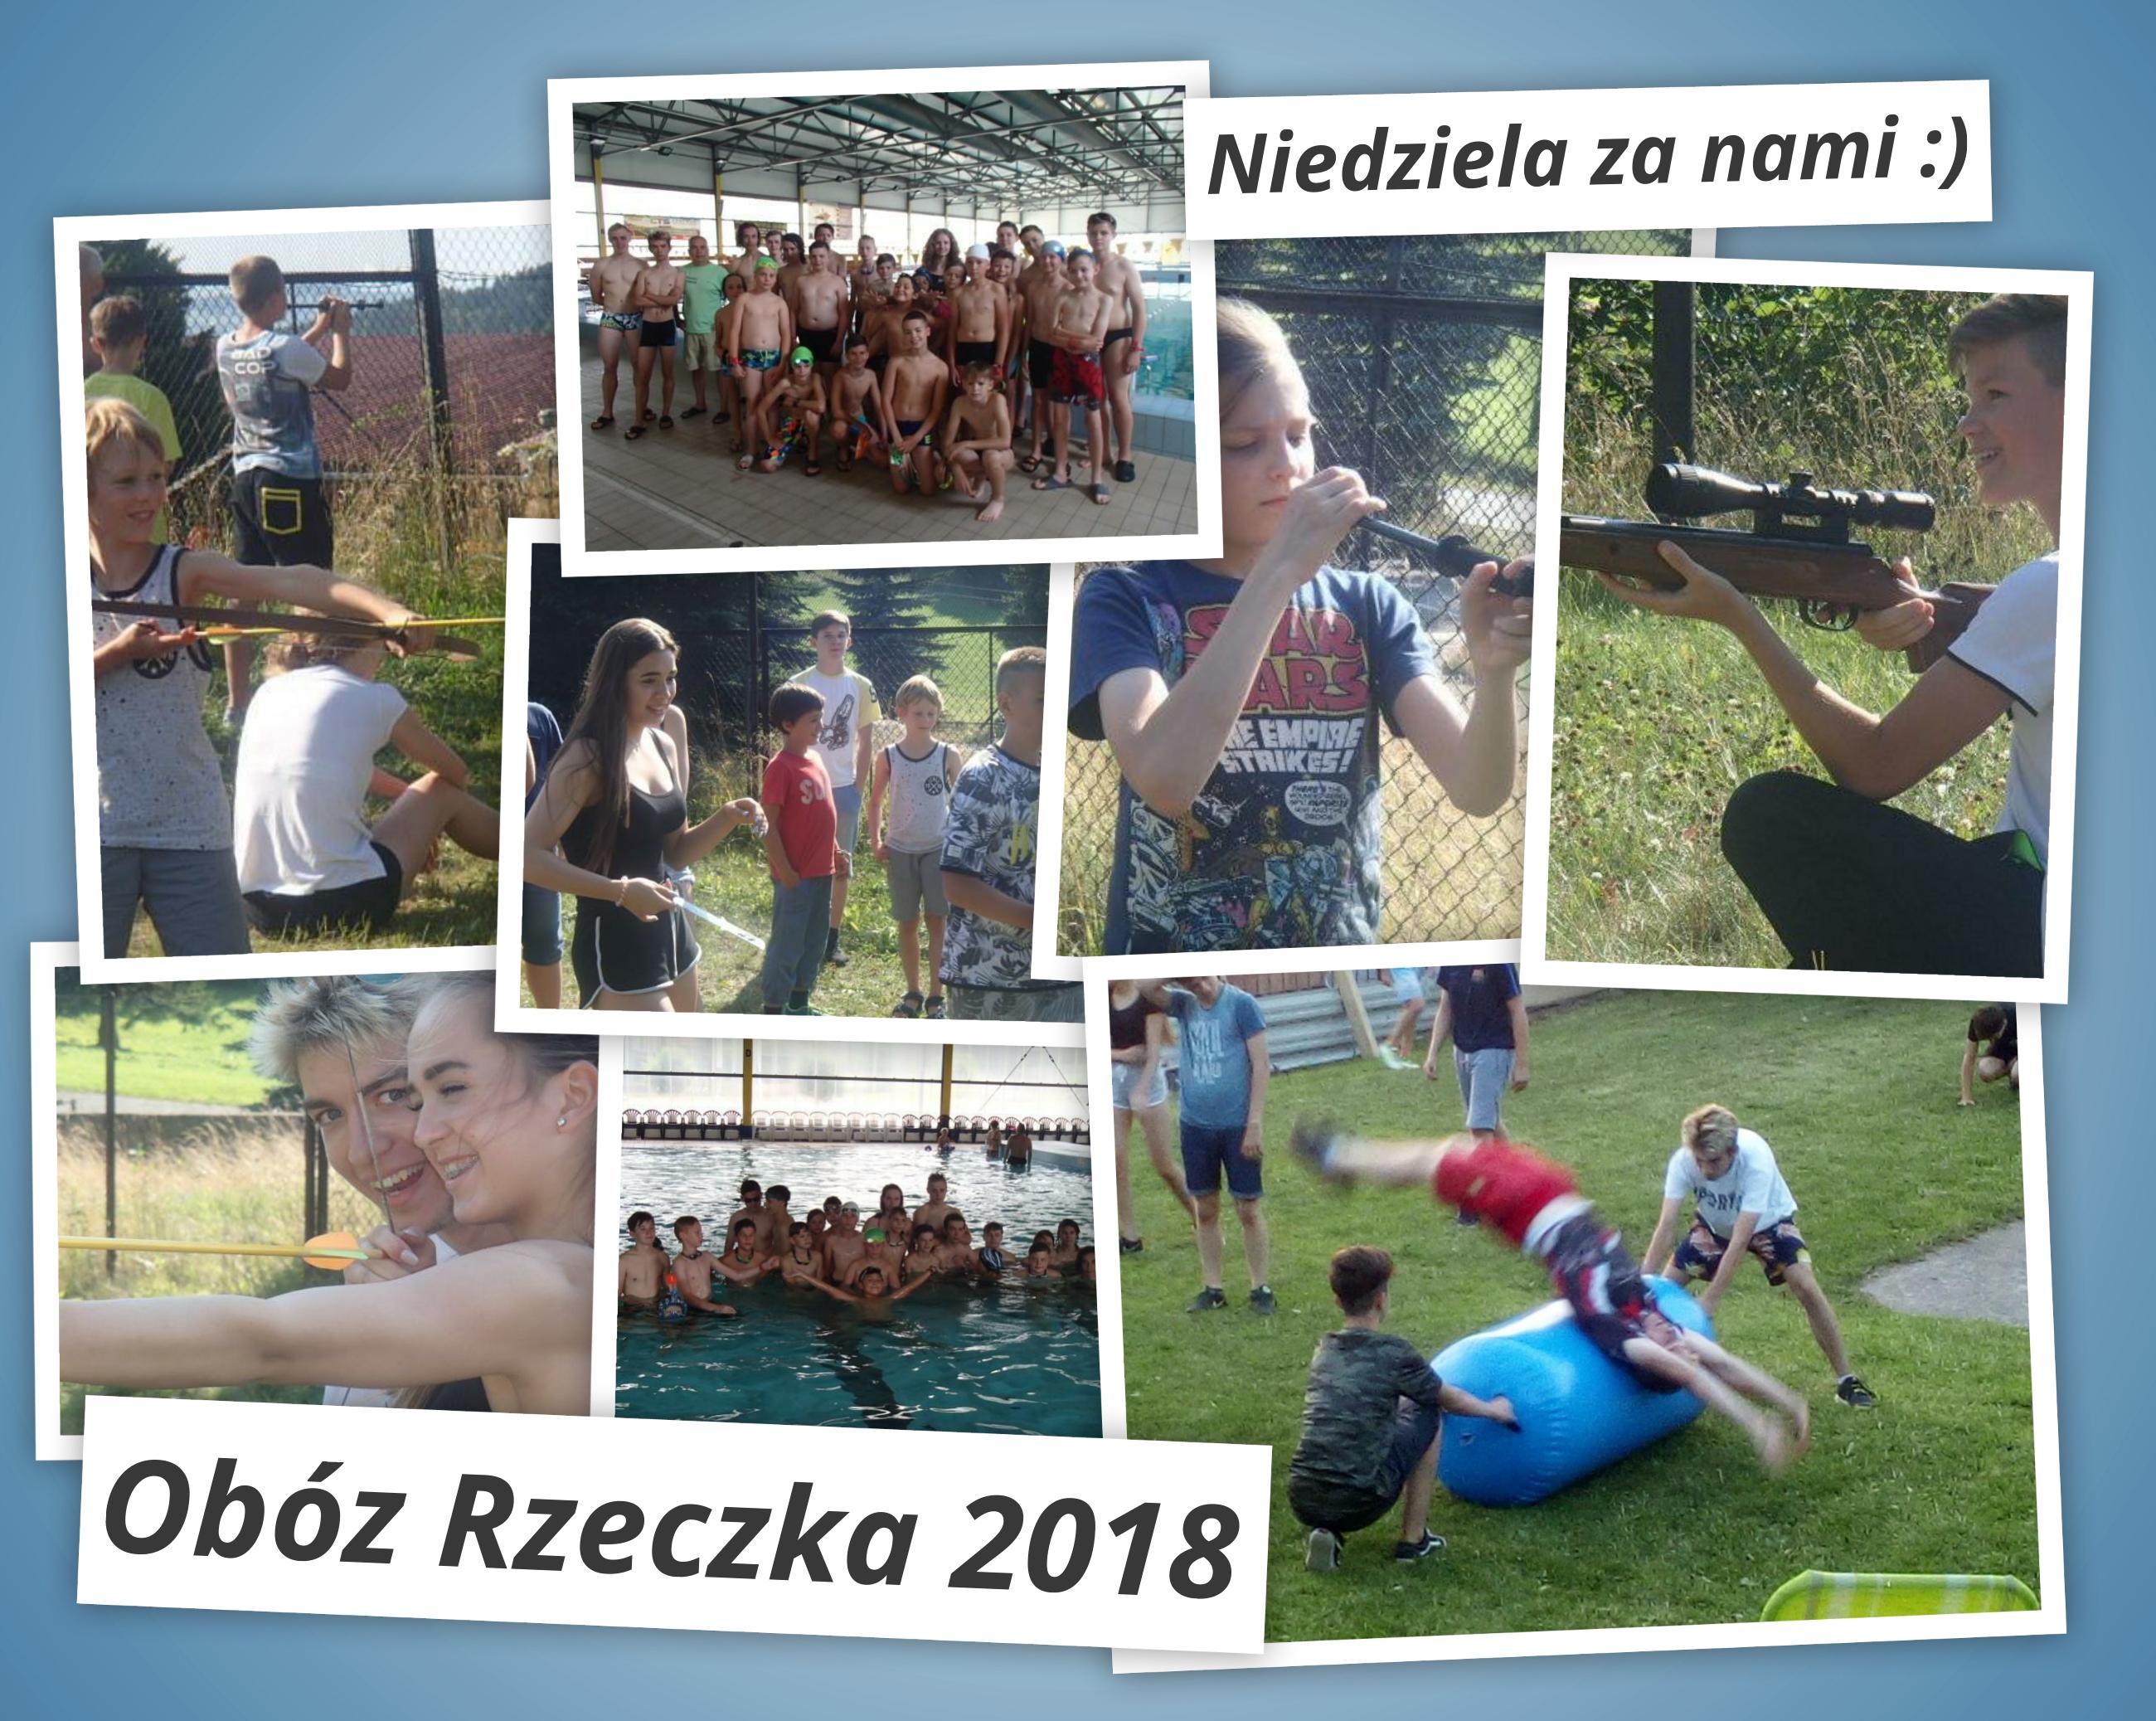 Obóz Rzeczka 2018 – aquapark i stzrelanie